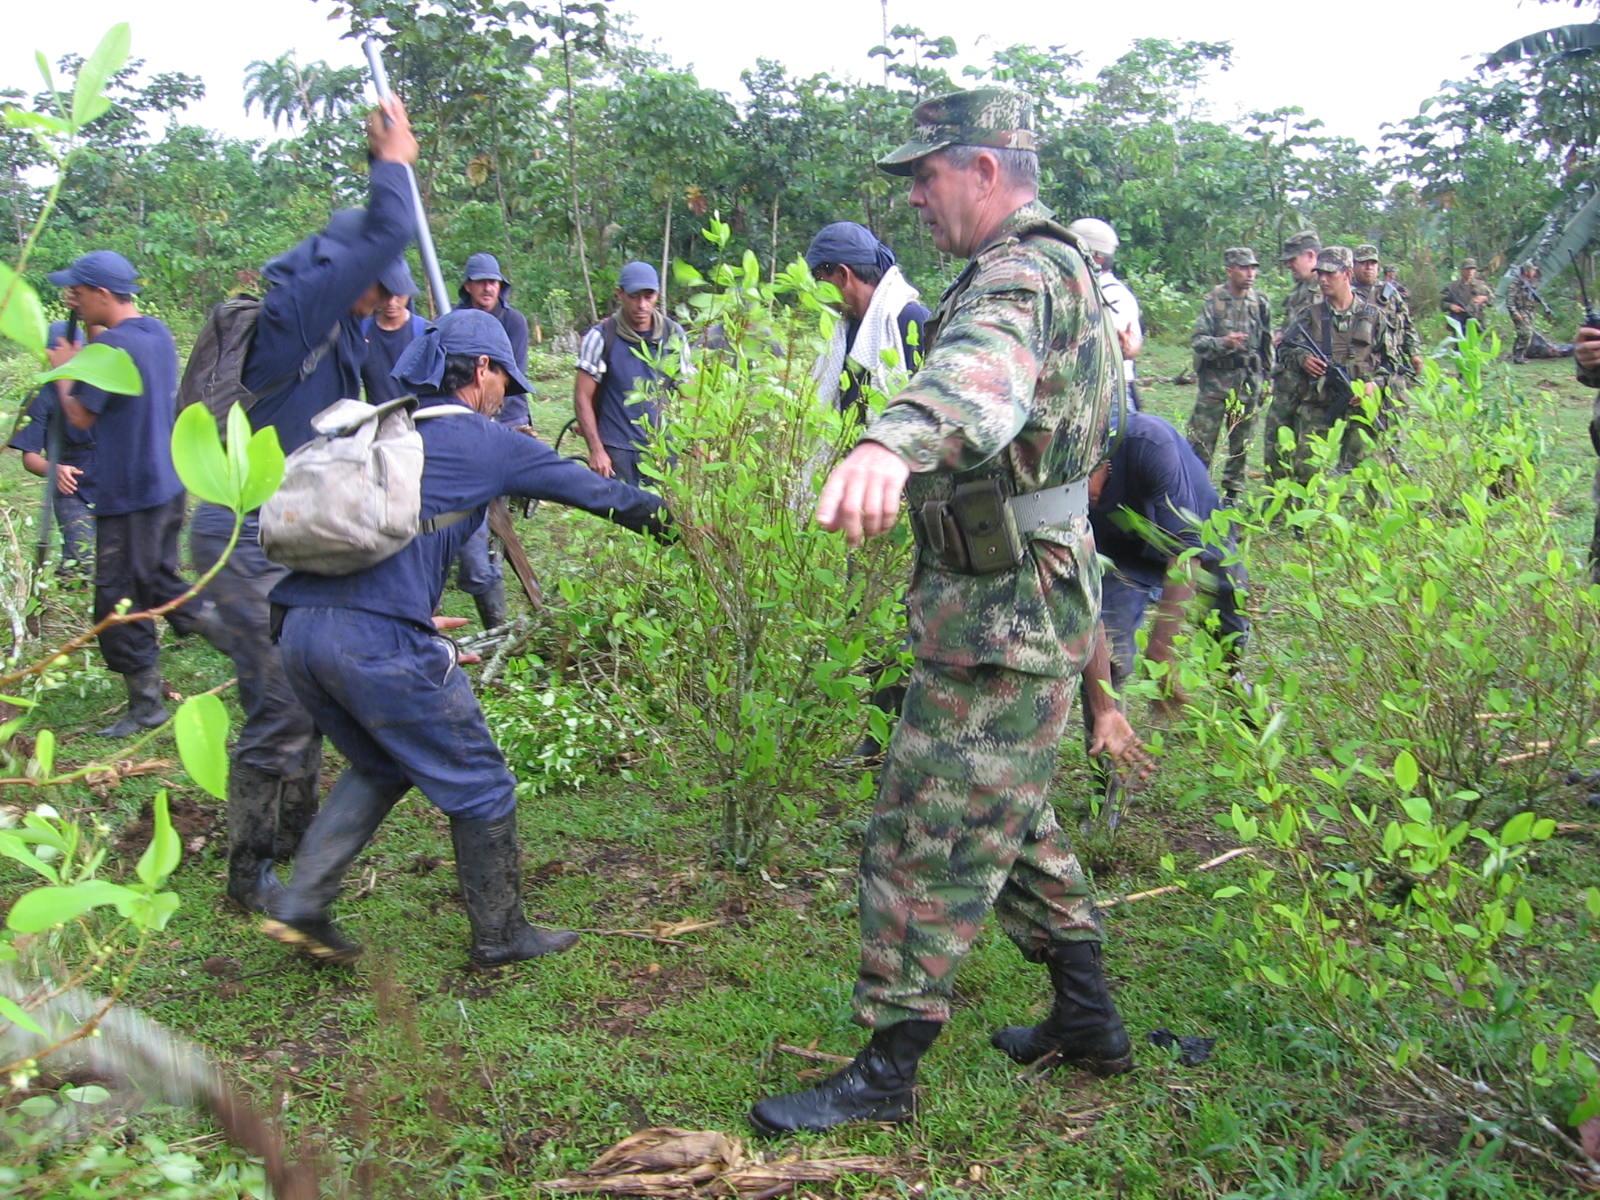 Siete erradicadores heridos en un campo minado por disidencias de Farc